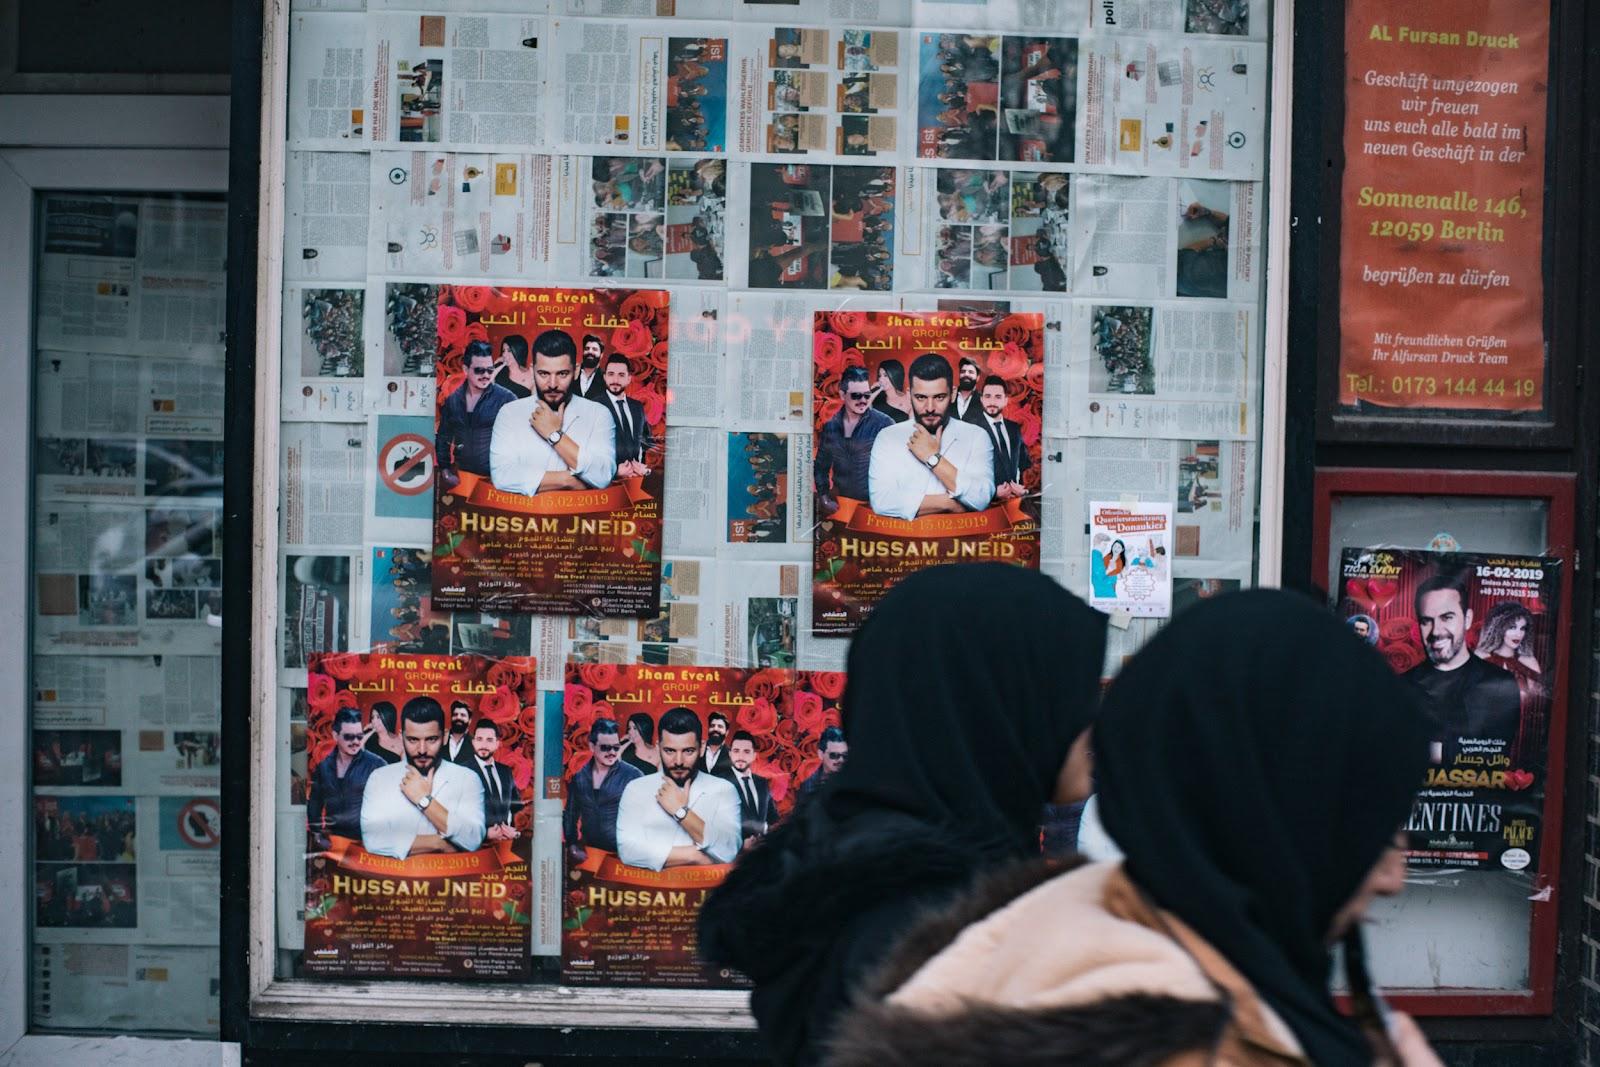 Zwei Frauen vor Plakaten eines libanesischen Sängers